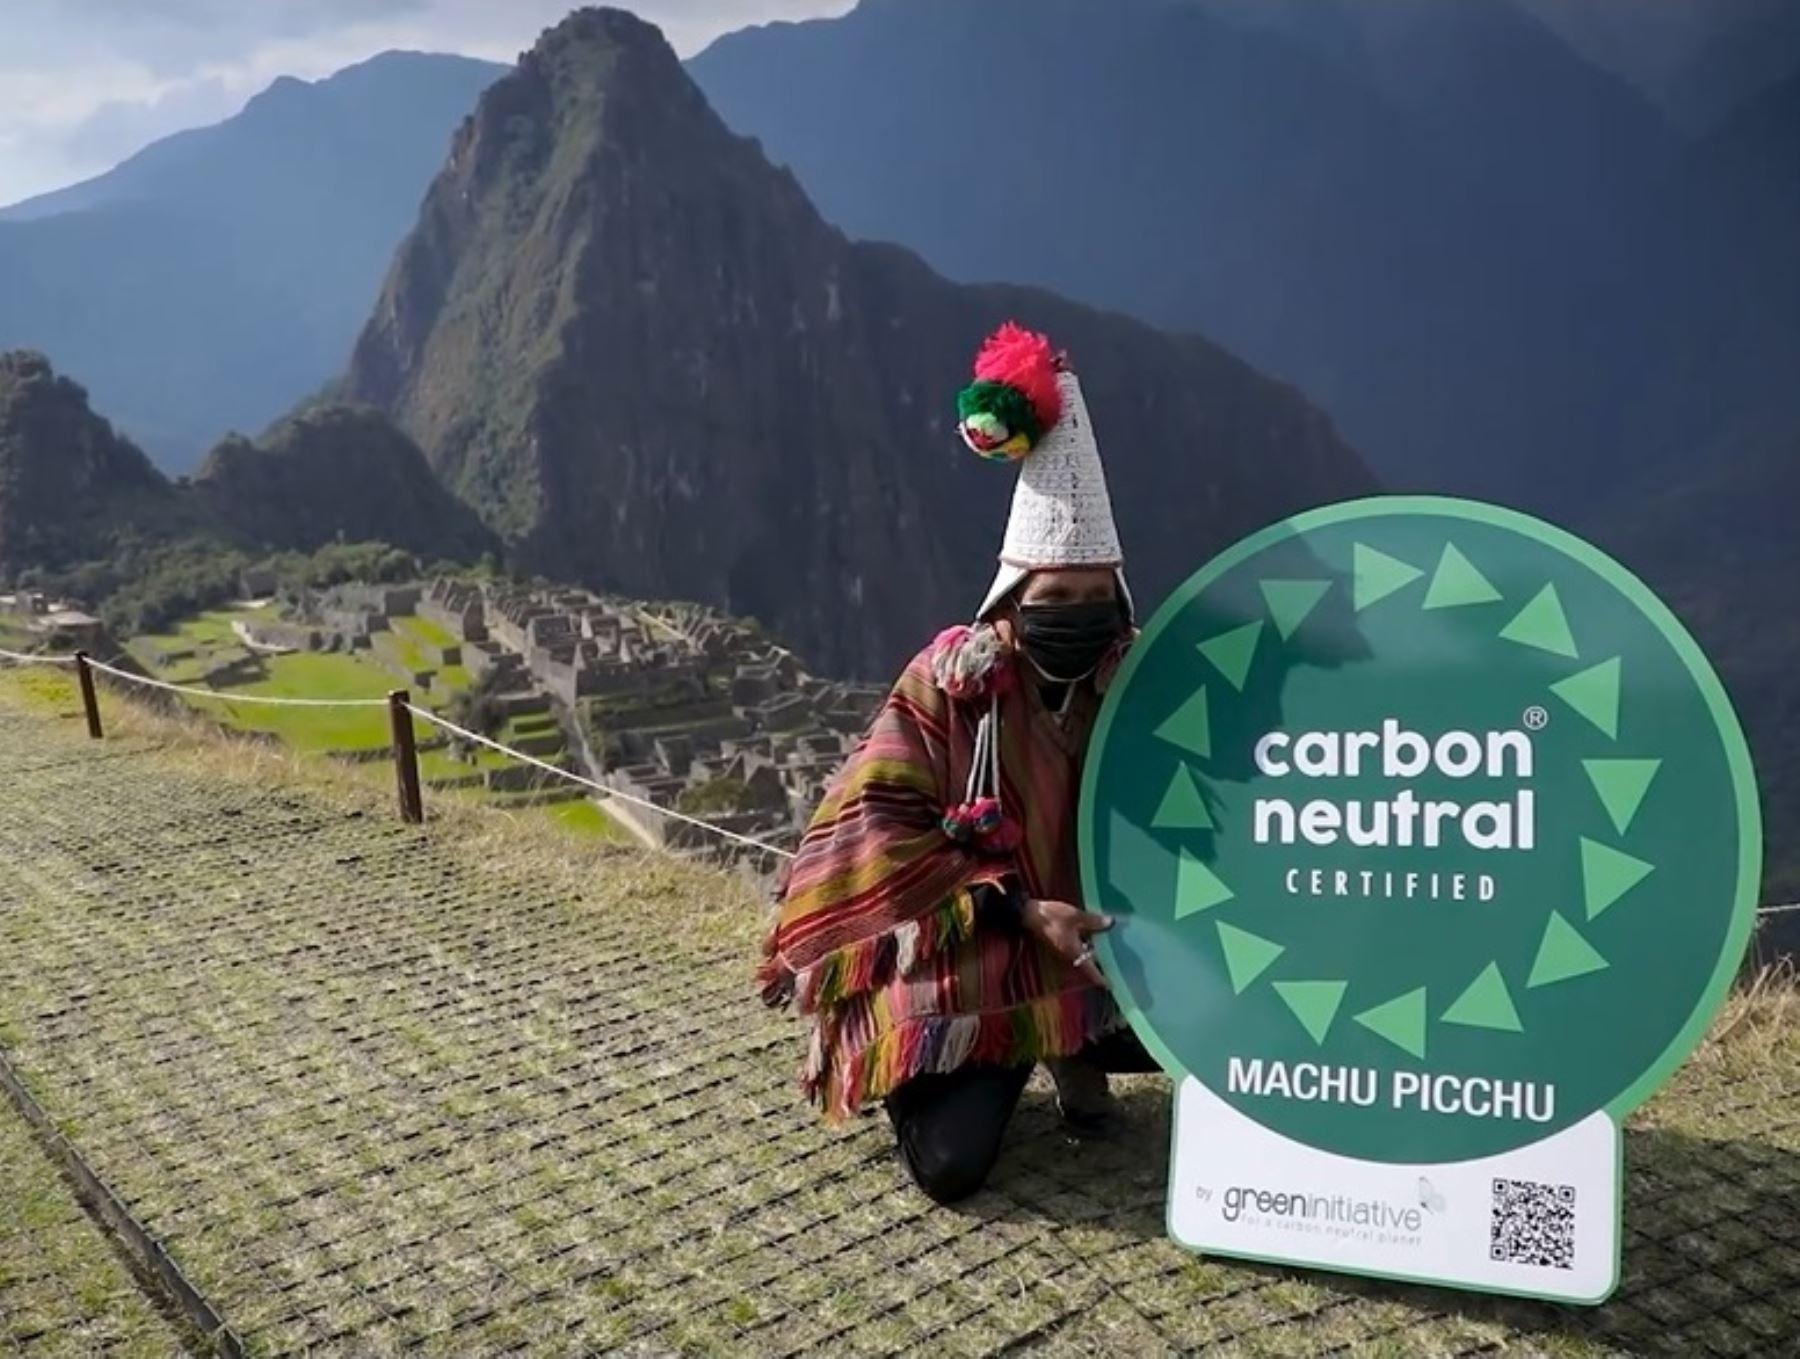 Machu Picchu: por estas razones es el primer destino turístico Carbono Neutral del mundo | Noticias | Agencia Peruana de Noticias Andina